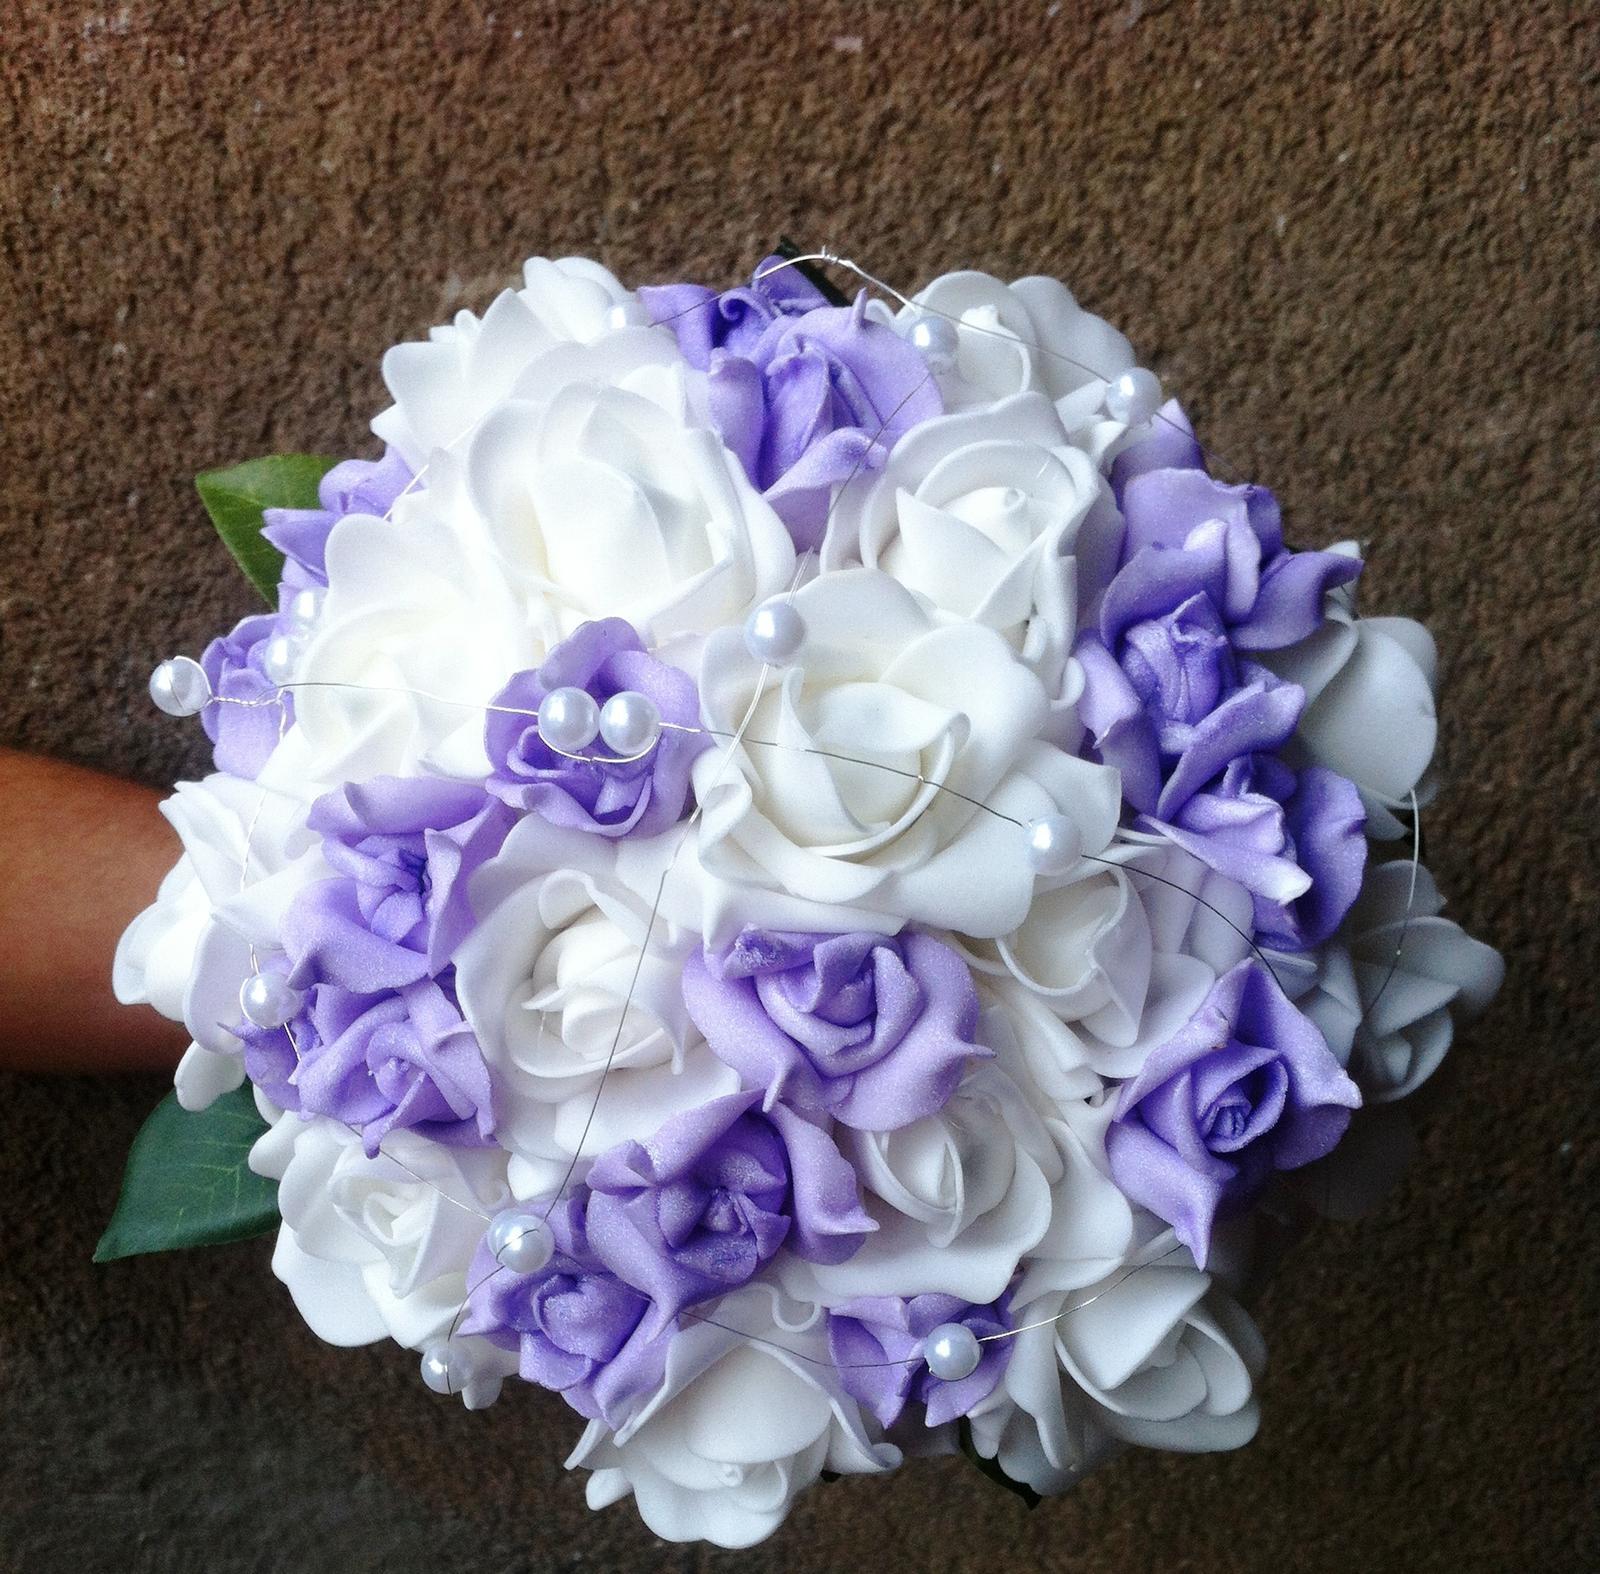 Netradiční svatební kytice - pěnové růžičky + polštářky pod prstýnky, košíčky - Obrázek č. 97